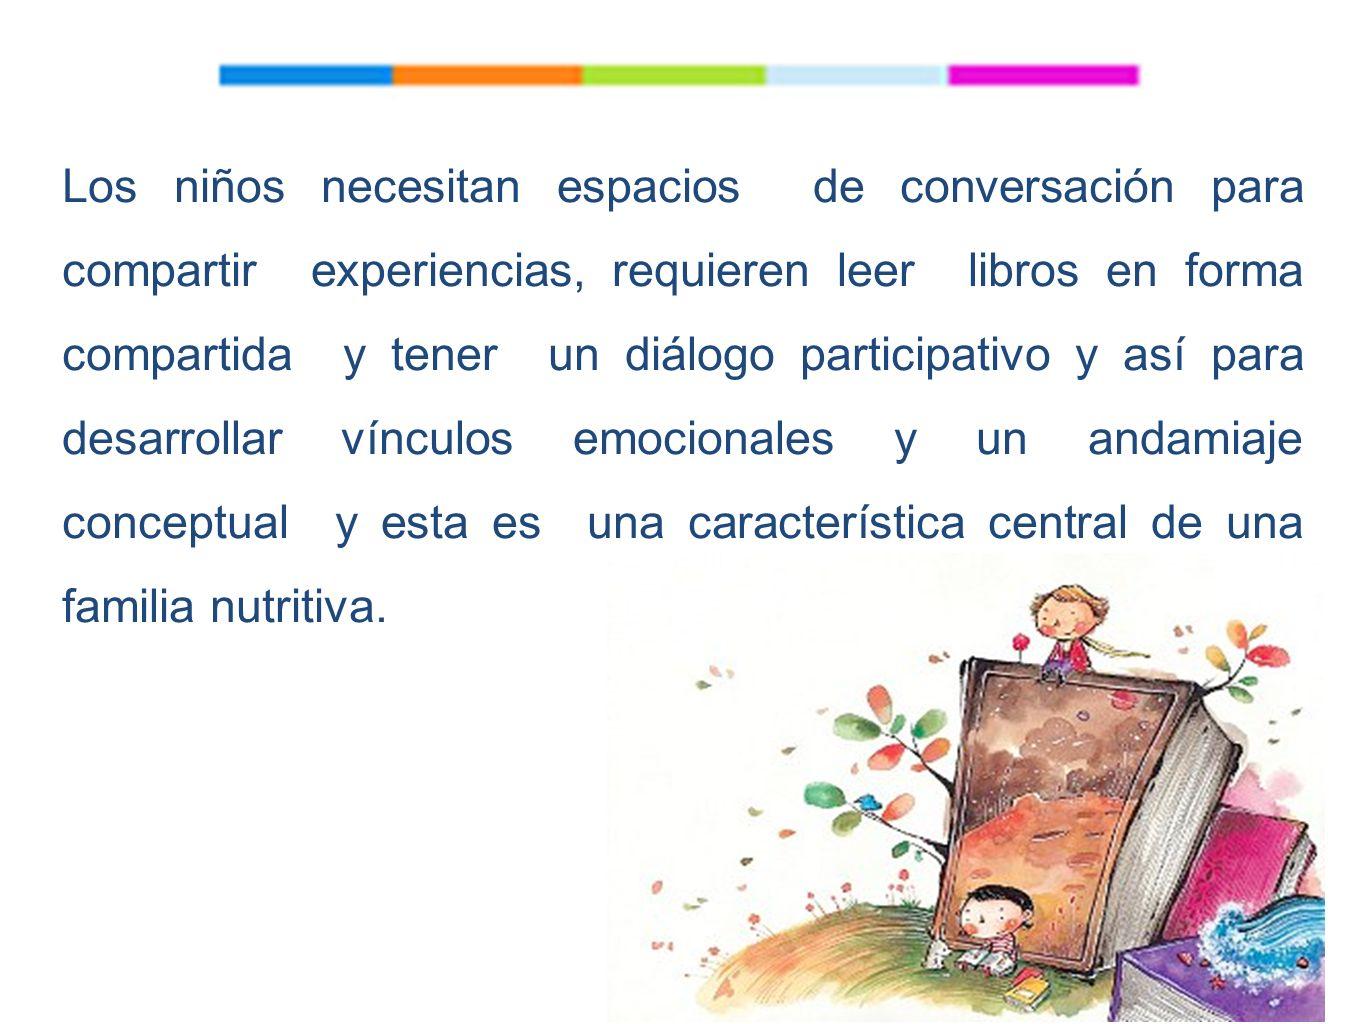 Los niños necesitan espacios de conversación para compartir experiencias, requieren leer libros en forma compartida y tener un diálogo participativo y así para desarrollar vínculos emocionales y un andamiaje conceptual y esta es una característica central de una familia nutritiva.